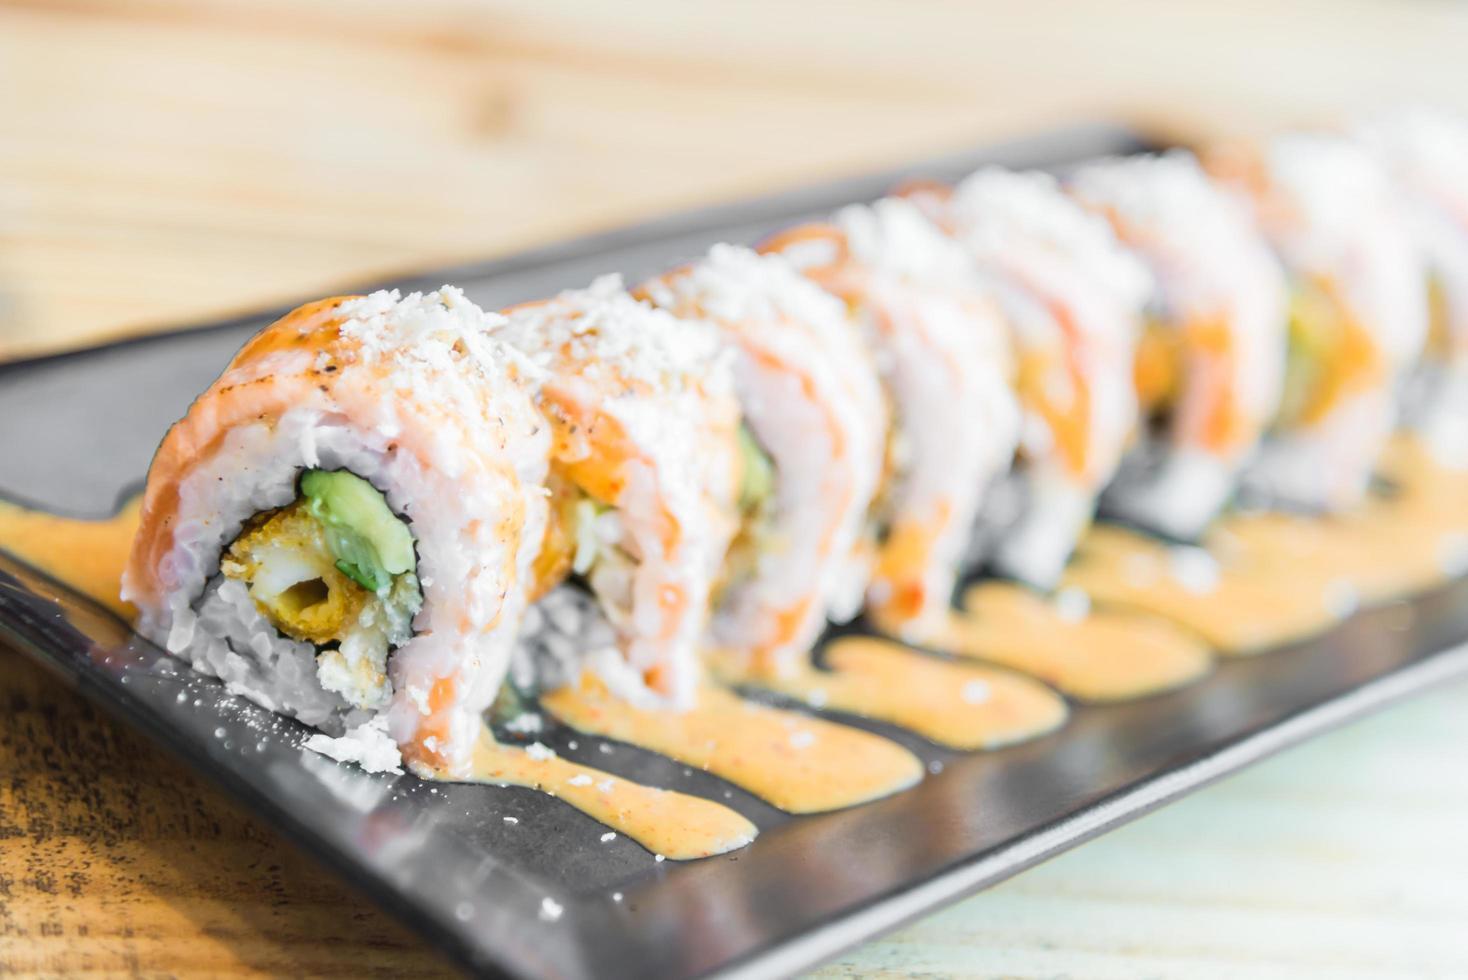 rouleau de sushi au saumon photo